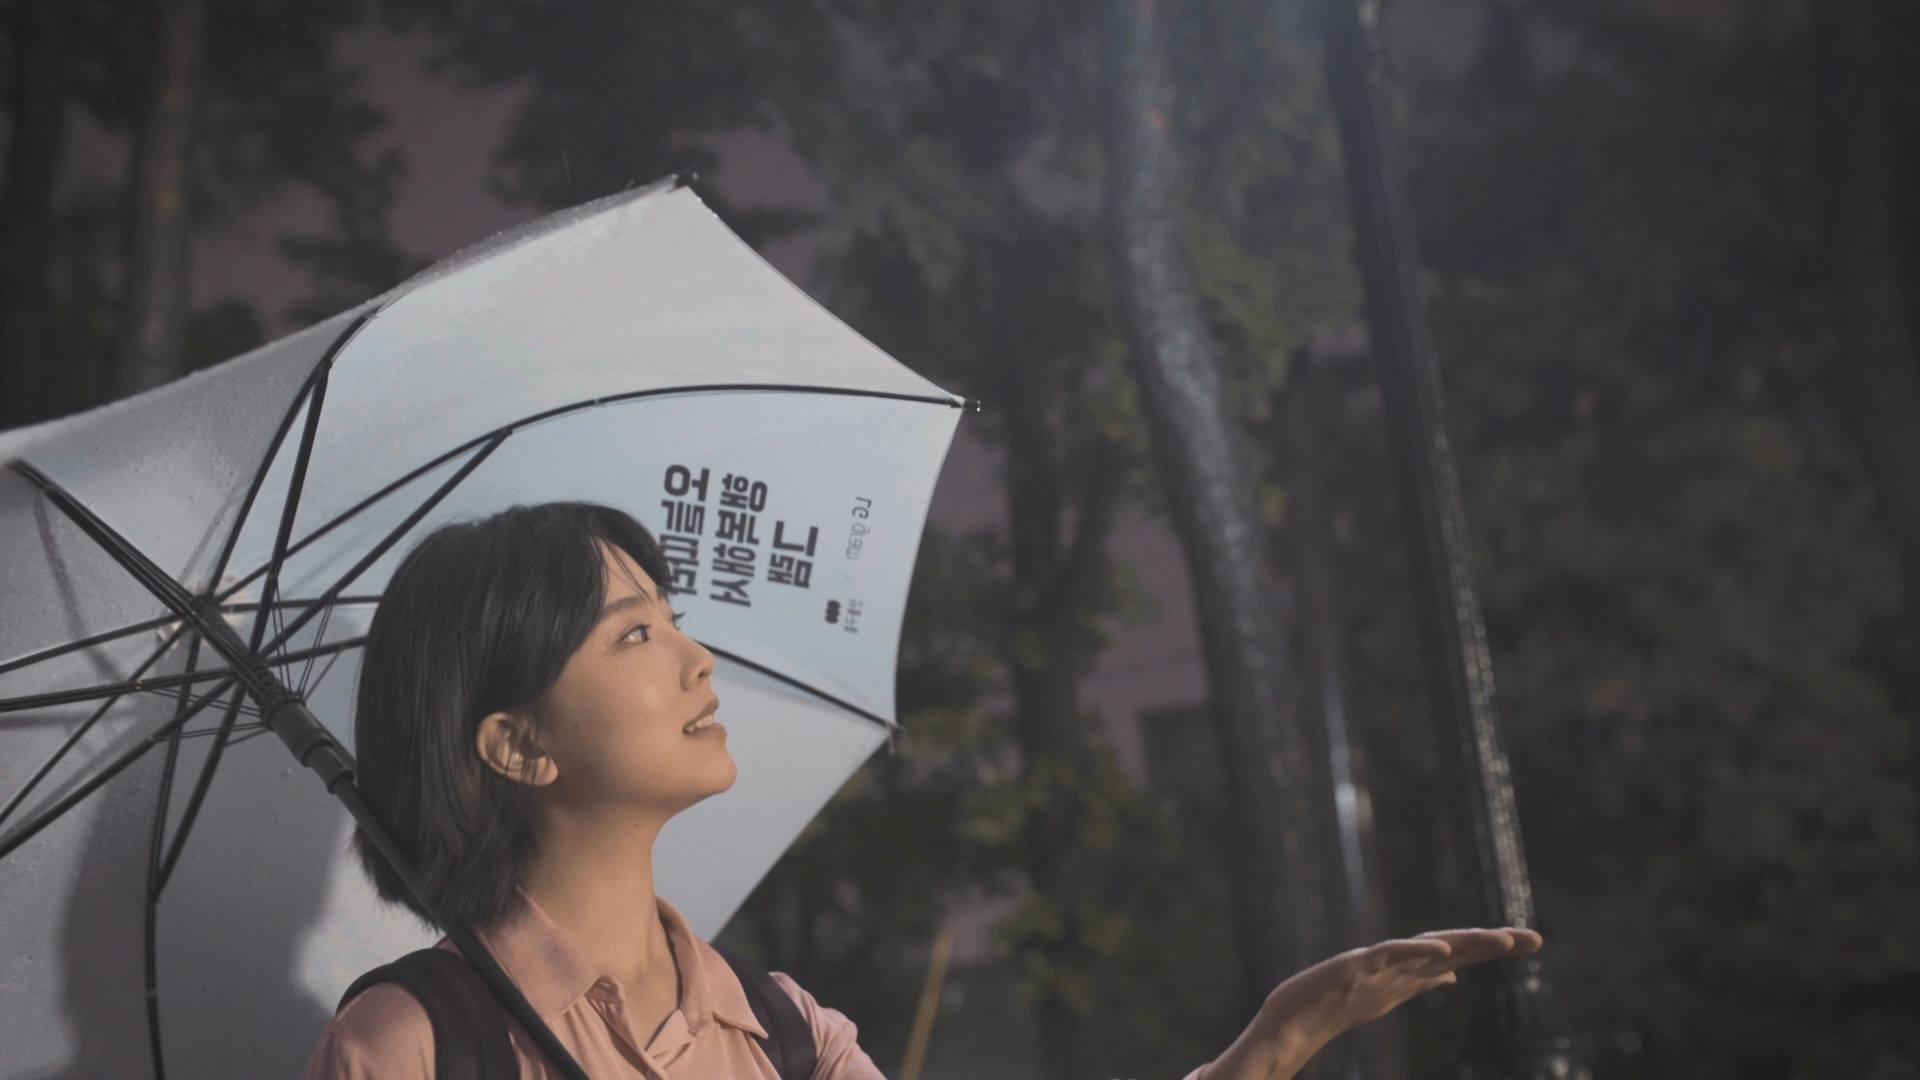 LG 그램 우산 나눔 캠페인 - 왜 비를 맞고 그램